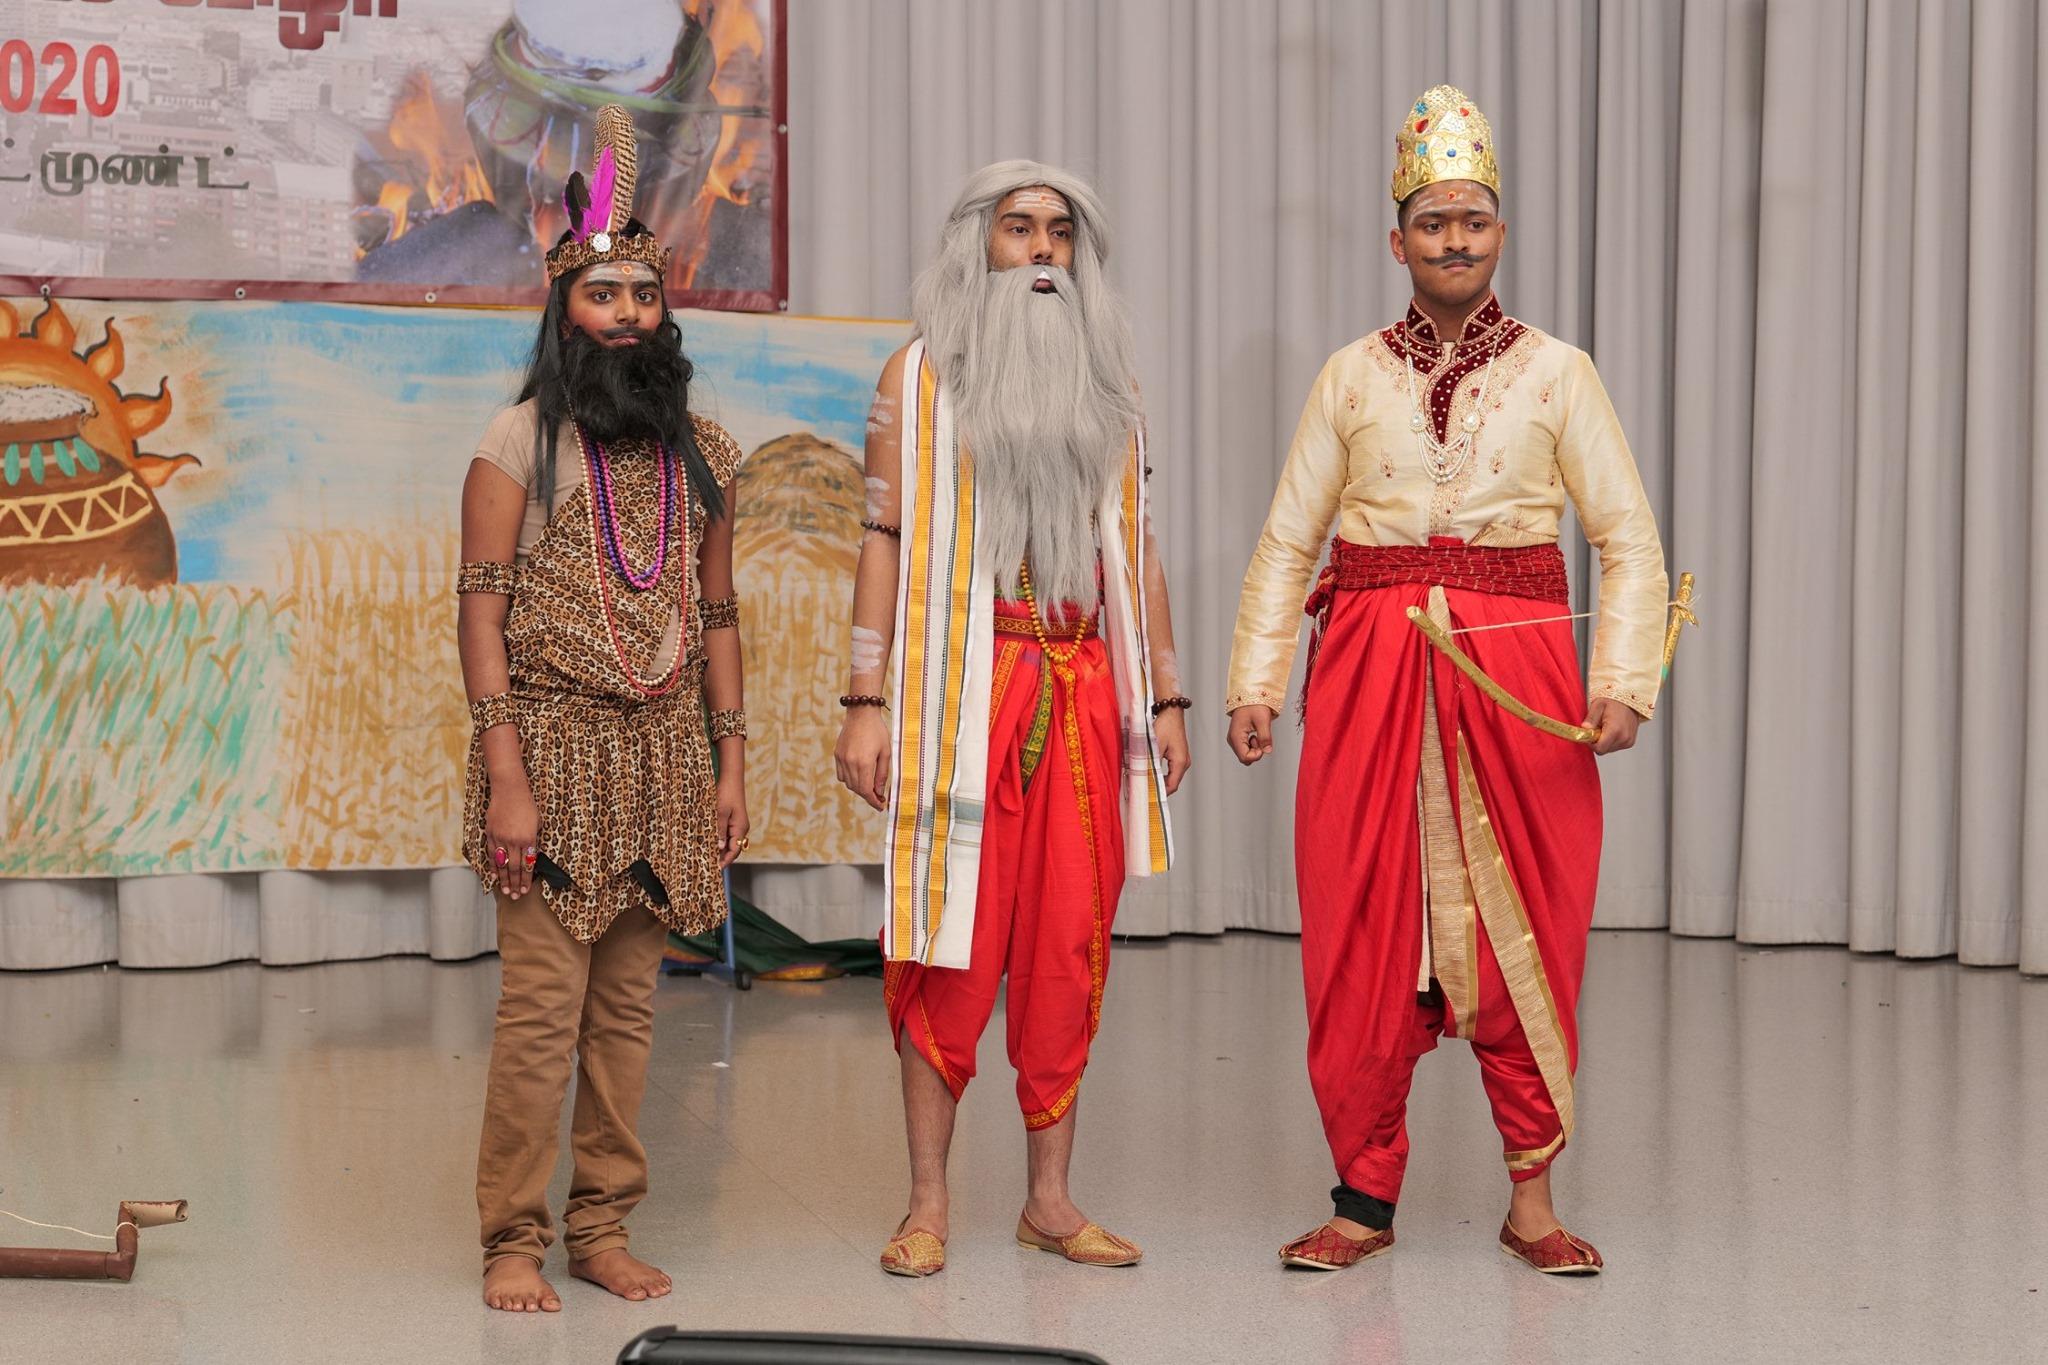 பல இலட்சம் ரூபாயை தாயக உறவுகளுக்கு உதவி வழங்கிய யேர்மனி Dortmund பொங்கல் விழா குழுவினர்